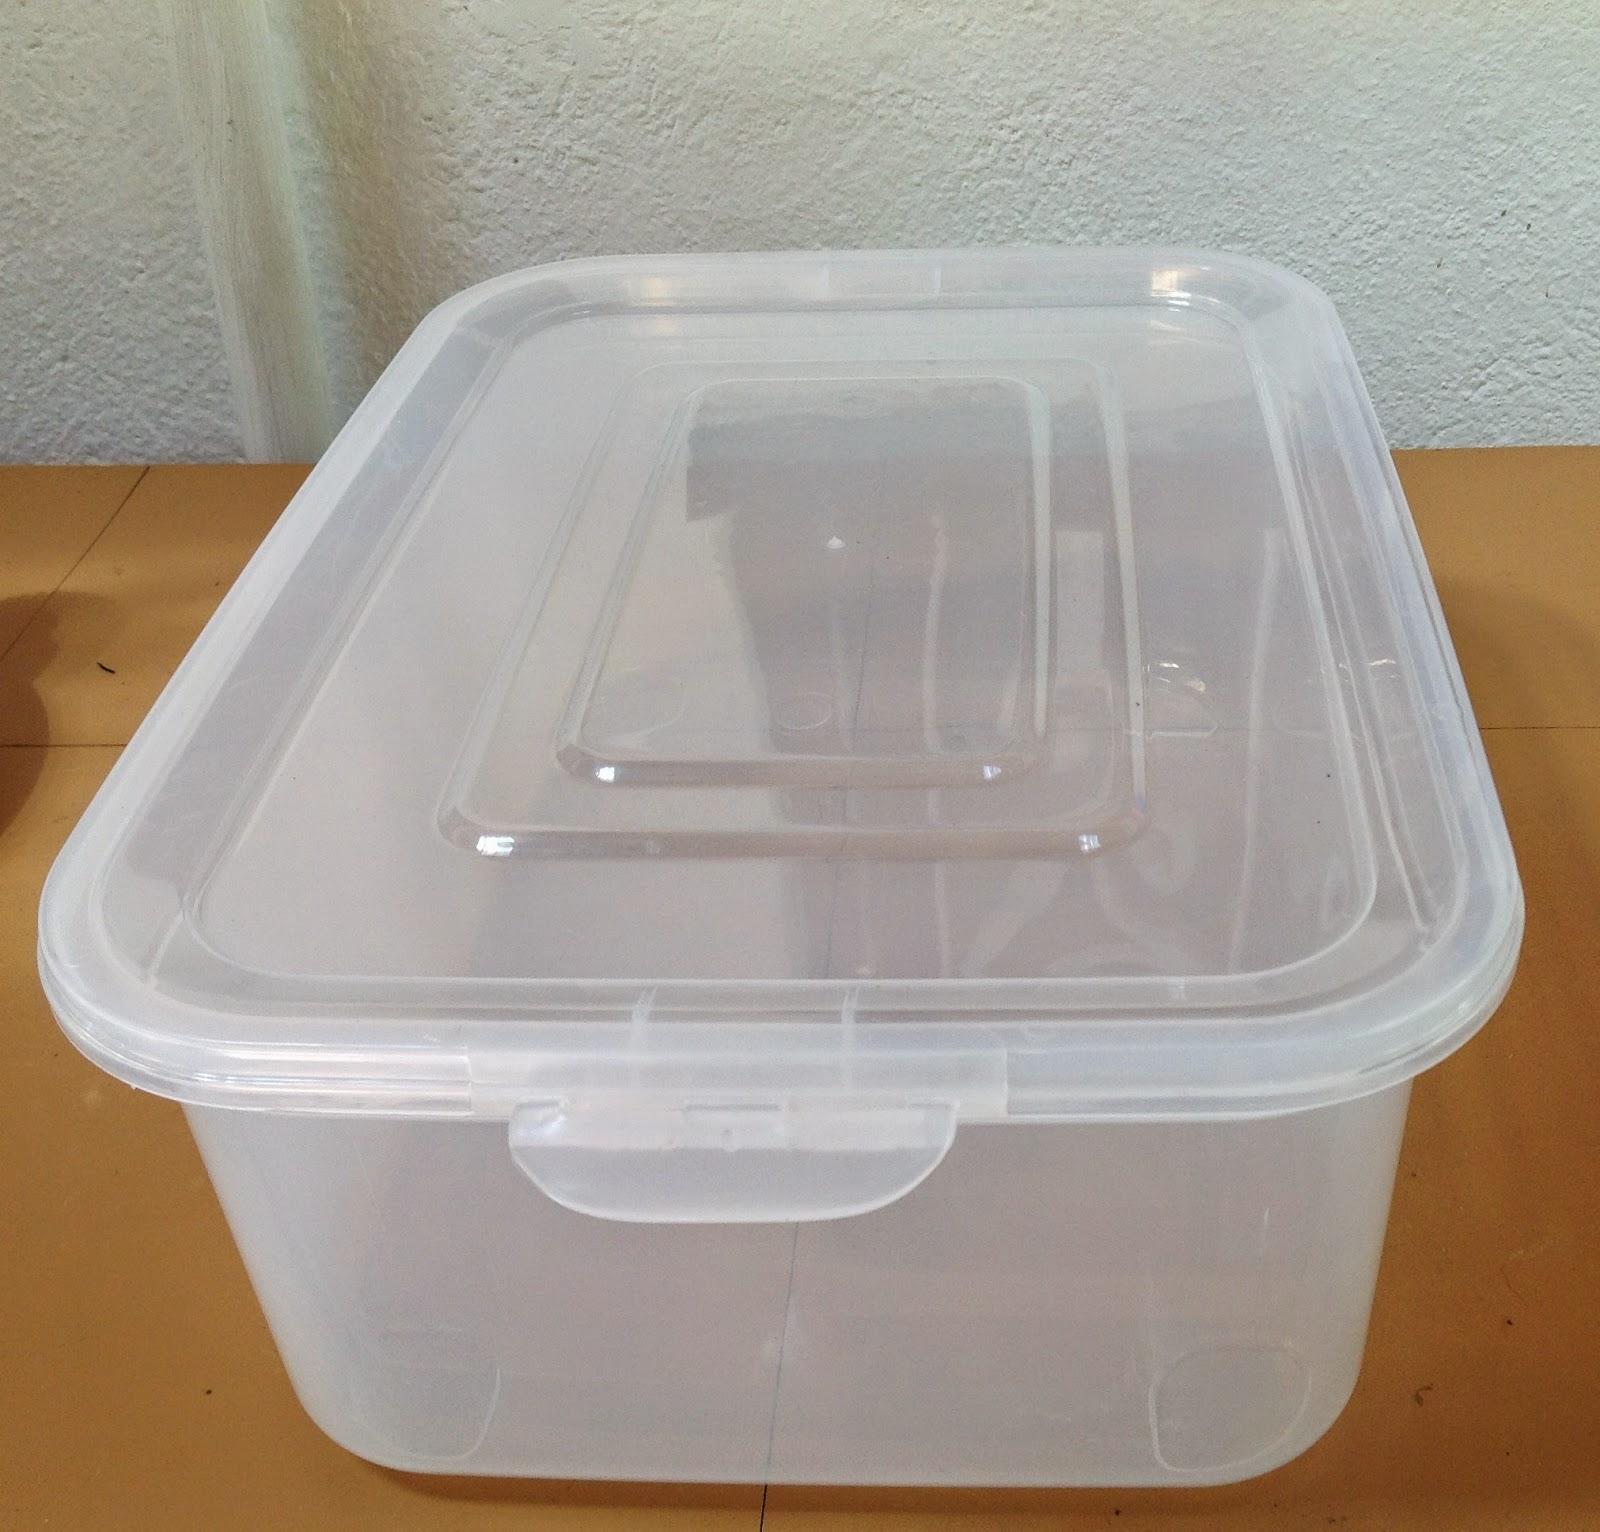 Viacacto passo a passo de uma estufinha pr tica para - Plantas de plastico ikea ...